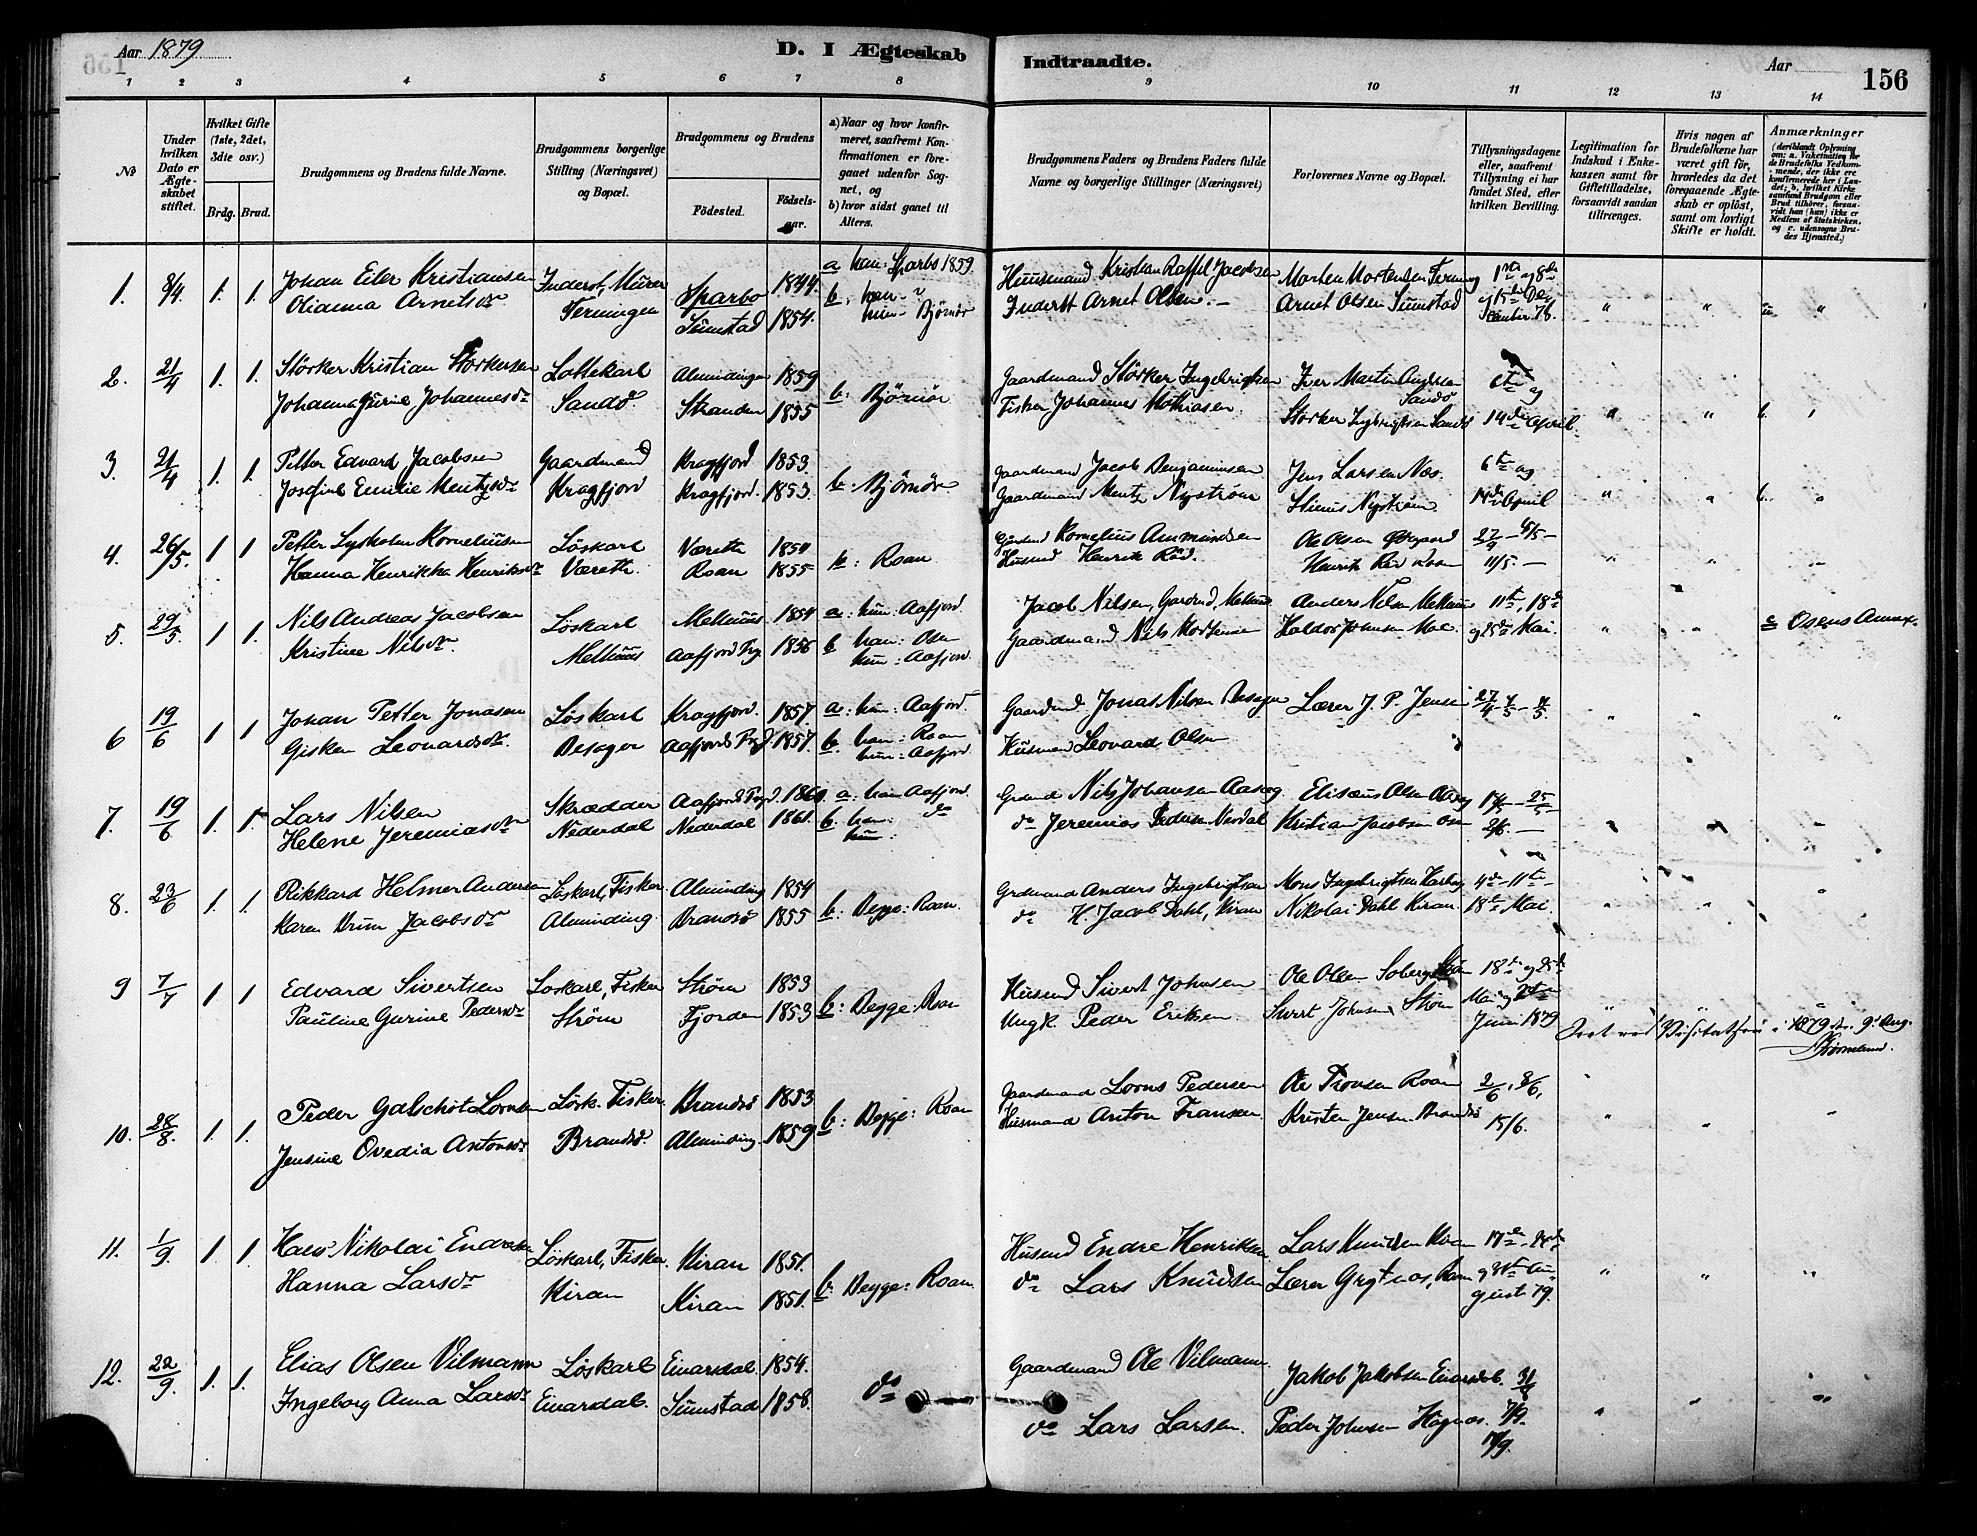 SAT, Ministerialprotokoller, klokkerbøker og fødselsregistre - Sør-Trøndelag, 657/L0707: Ministerialbok nr. 657A08, 1879-1893, s. 156